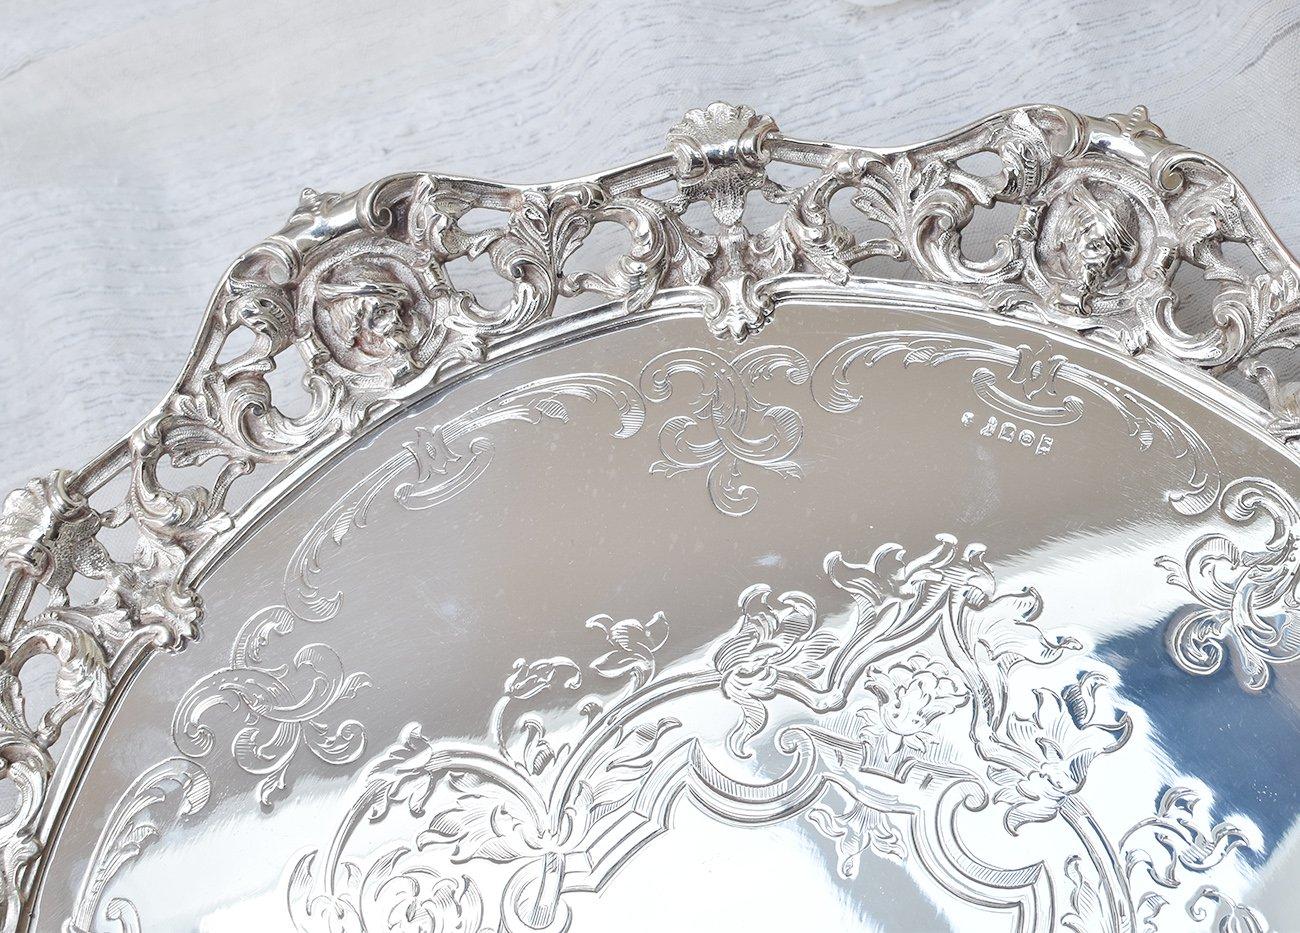 英国アンティーク銀器【シルバープレート】c.1860 サルヴァ